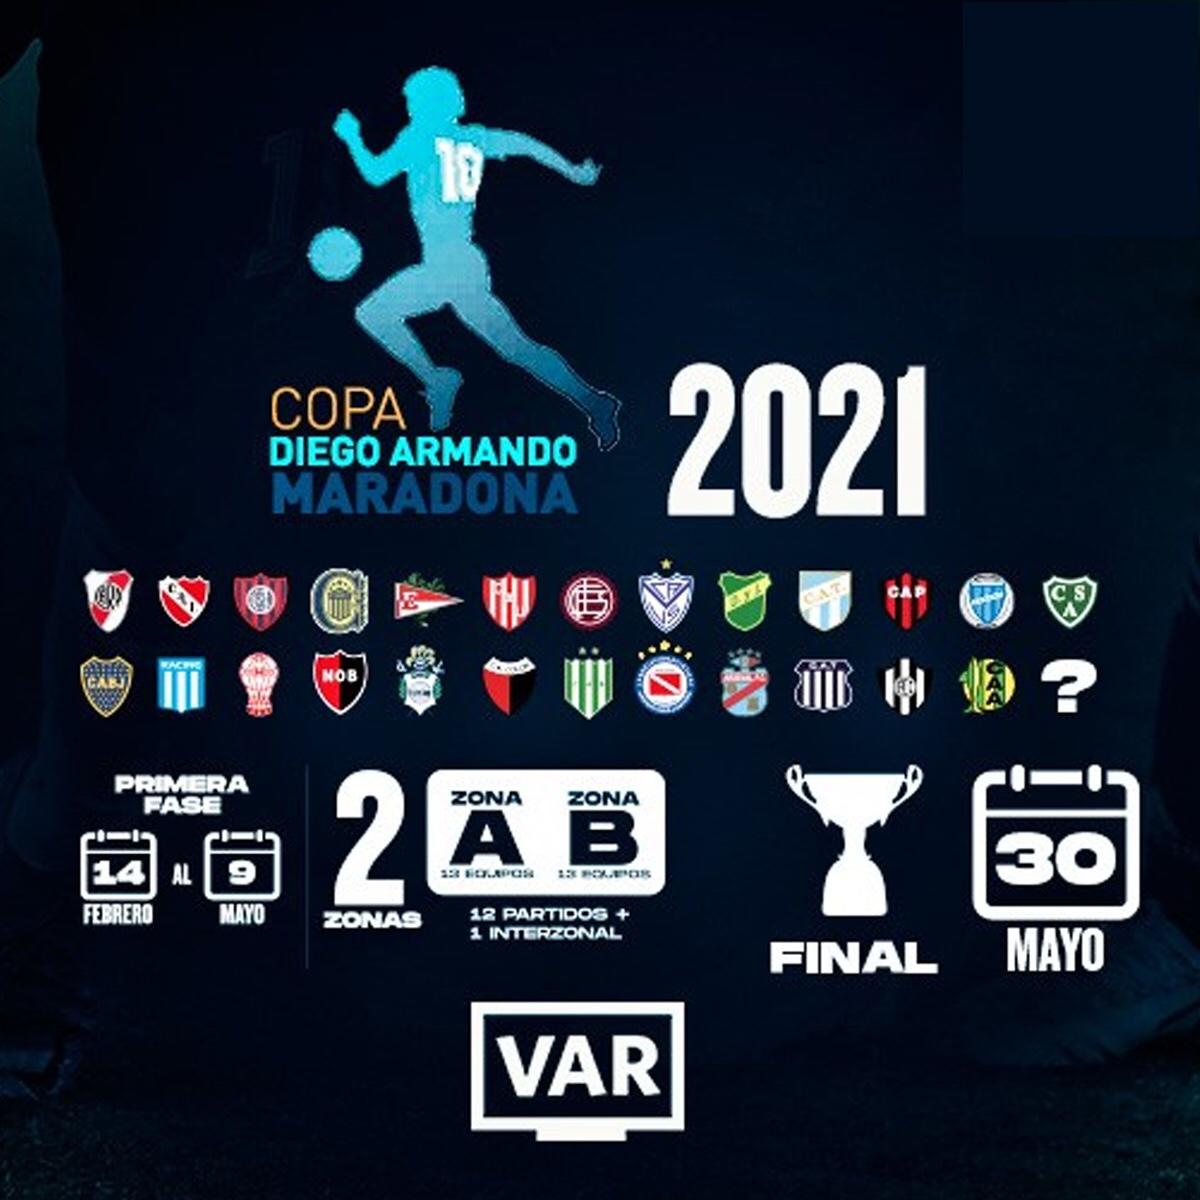 Ecco la nuova Copa de la Liga 2021. Col Var